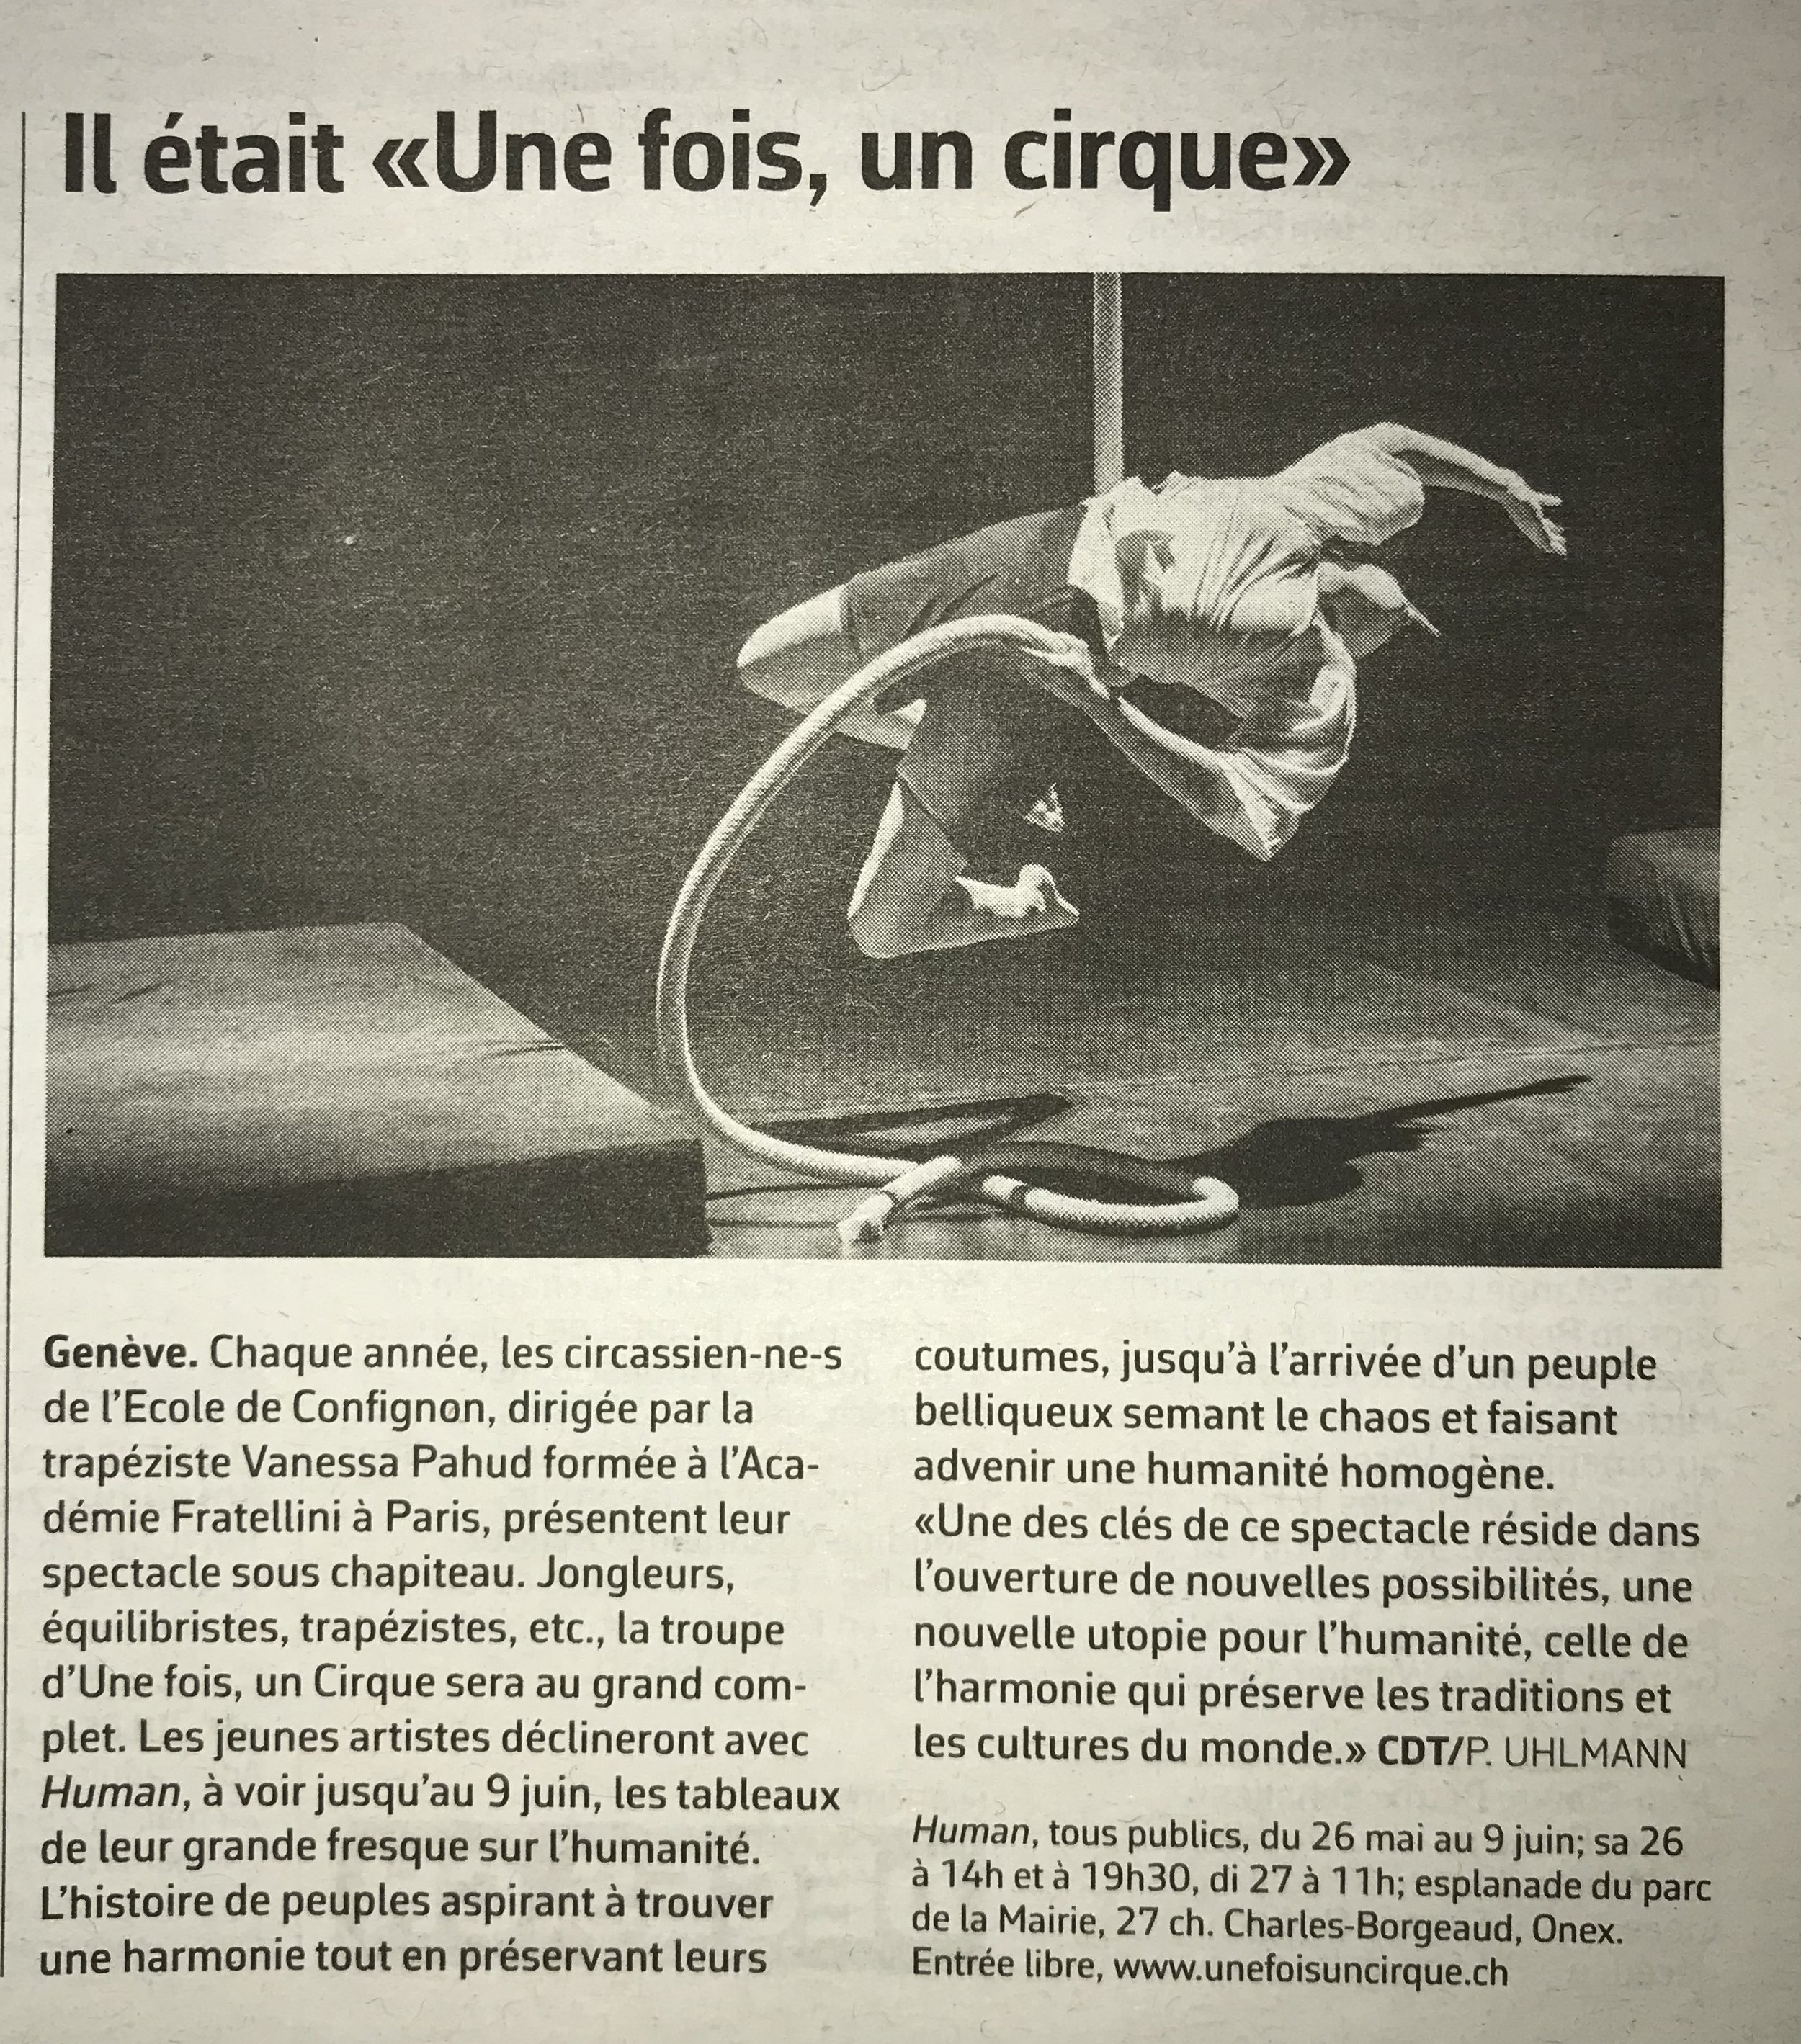 Le Courrier 23.05.18.jpg